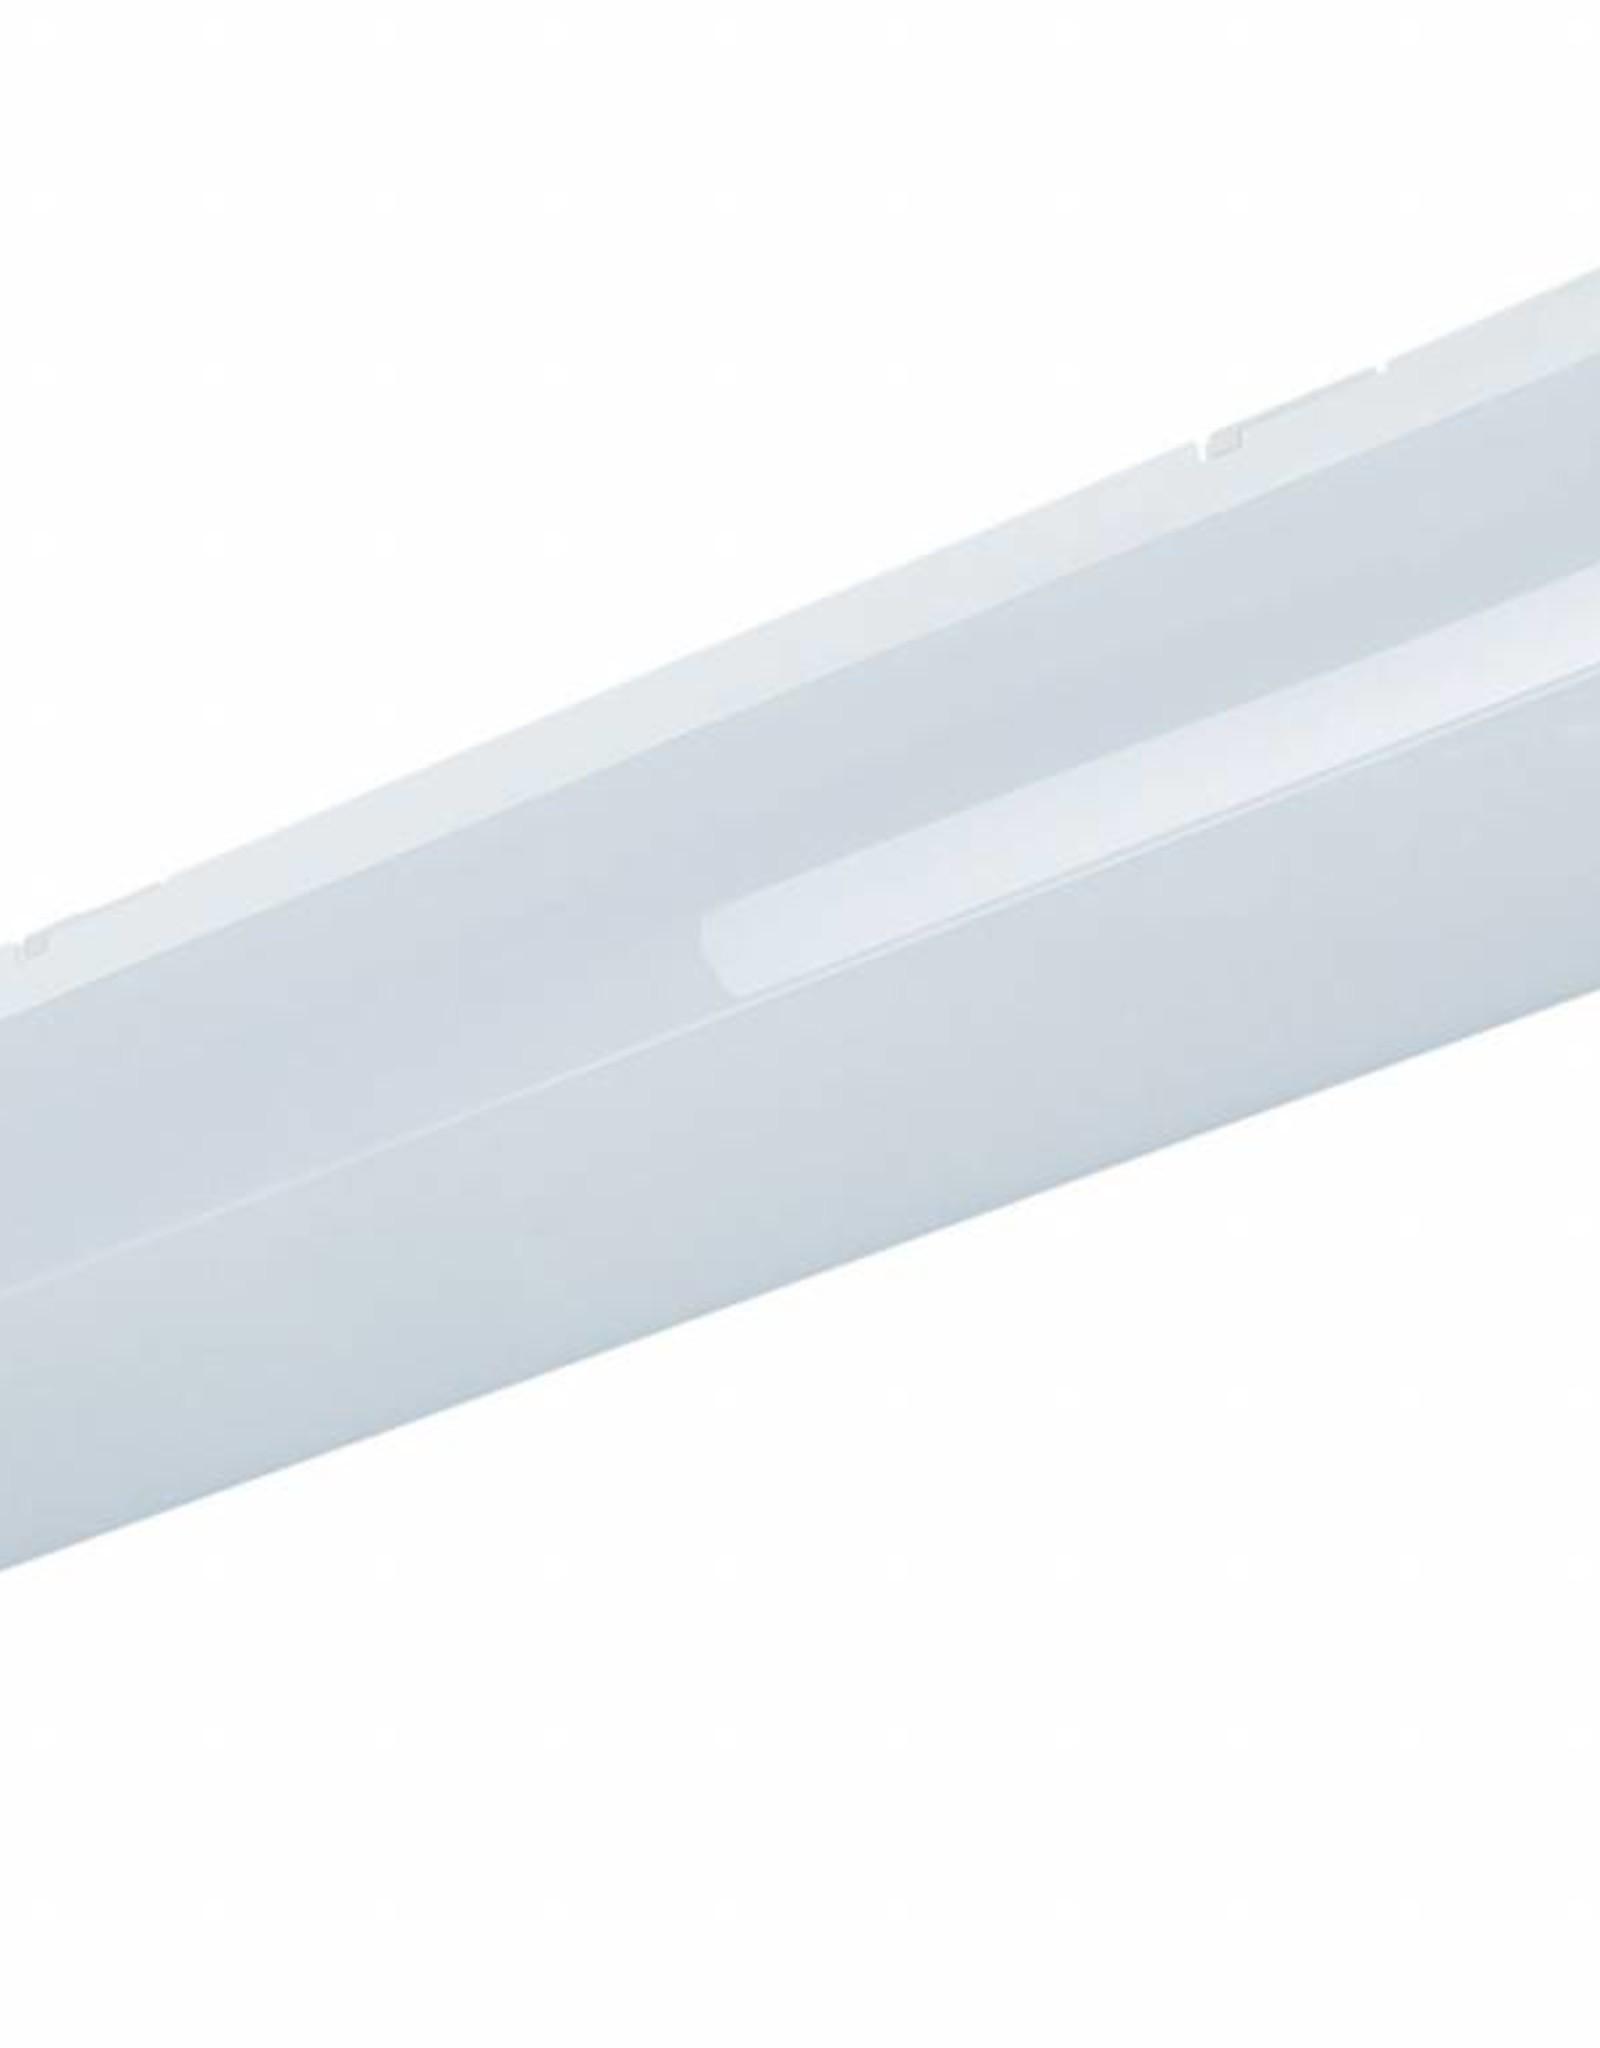 Linea 2.4ft 8800/840 DALI